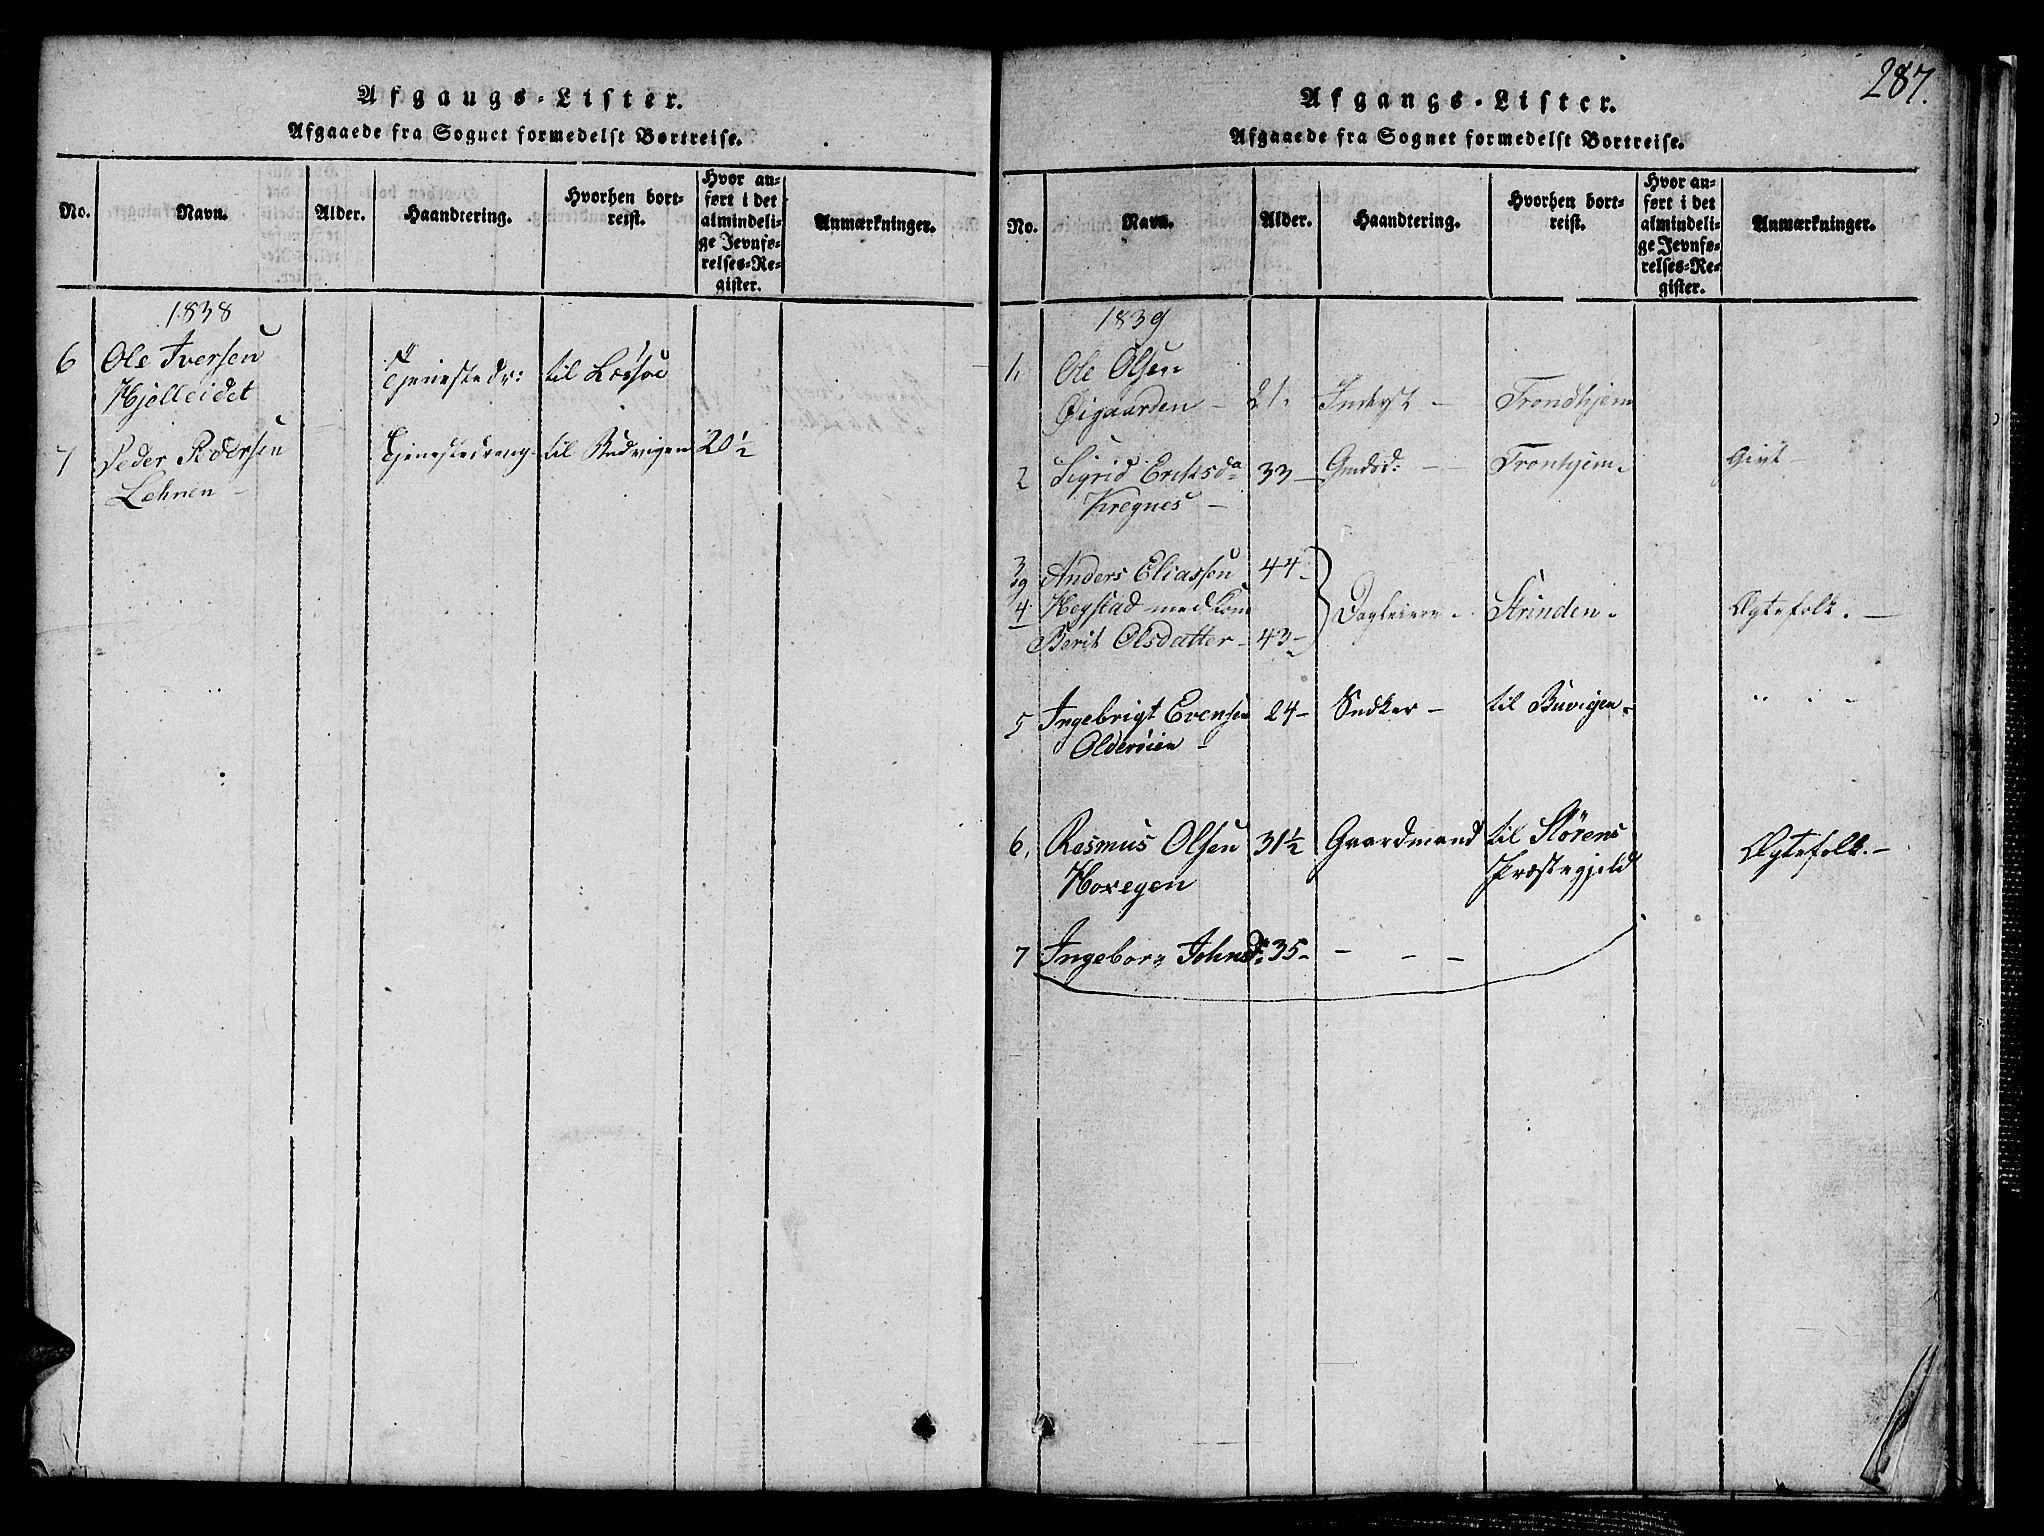 SAT, Ministerialprotokoller, klokkerbøker og fødselsregistre - Sør-Trøndelag, 691/L1092: Klokkerbok nr. 691C03, 1816-1852, s. 287